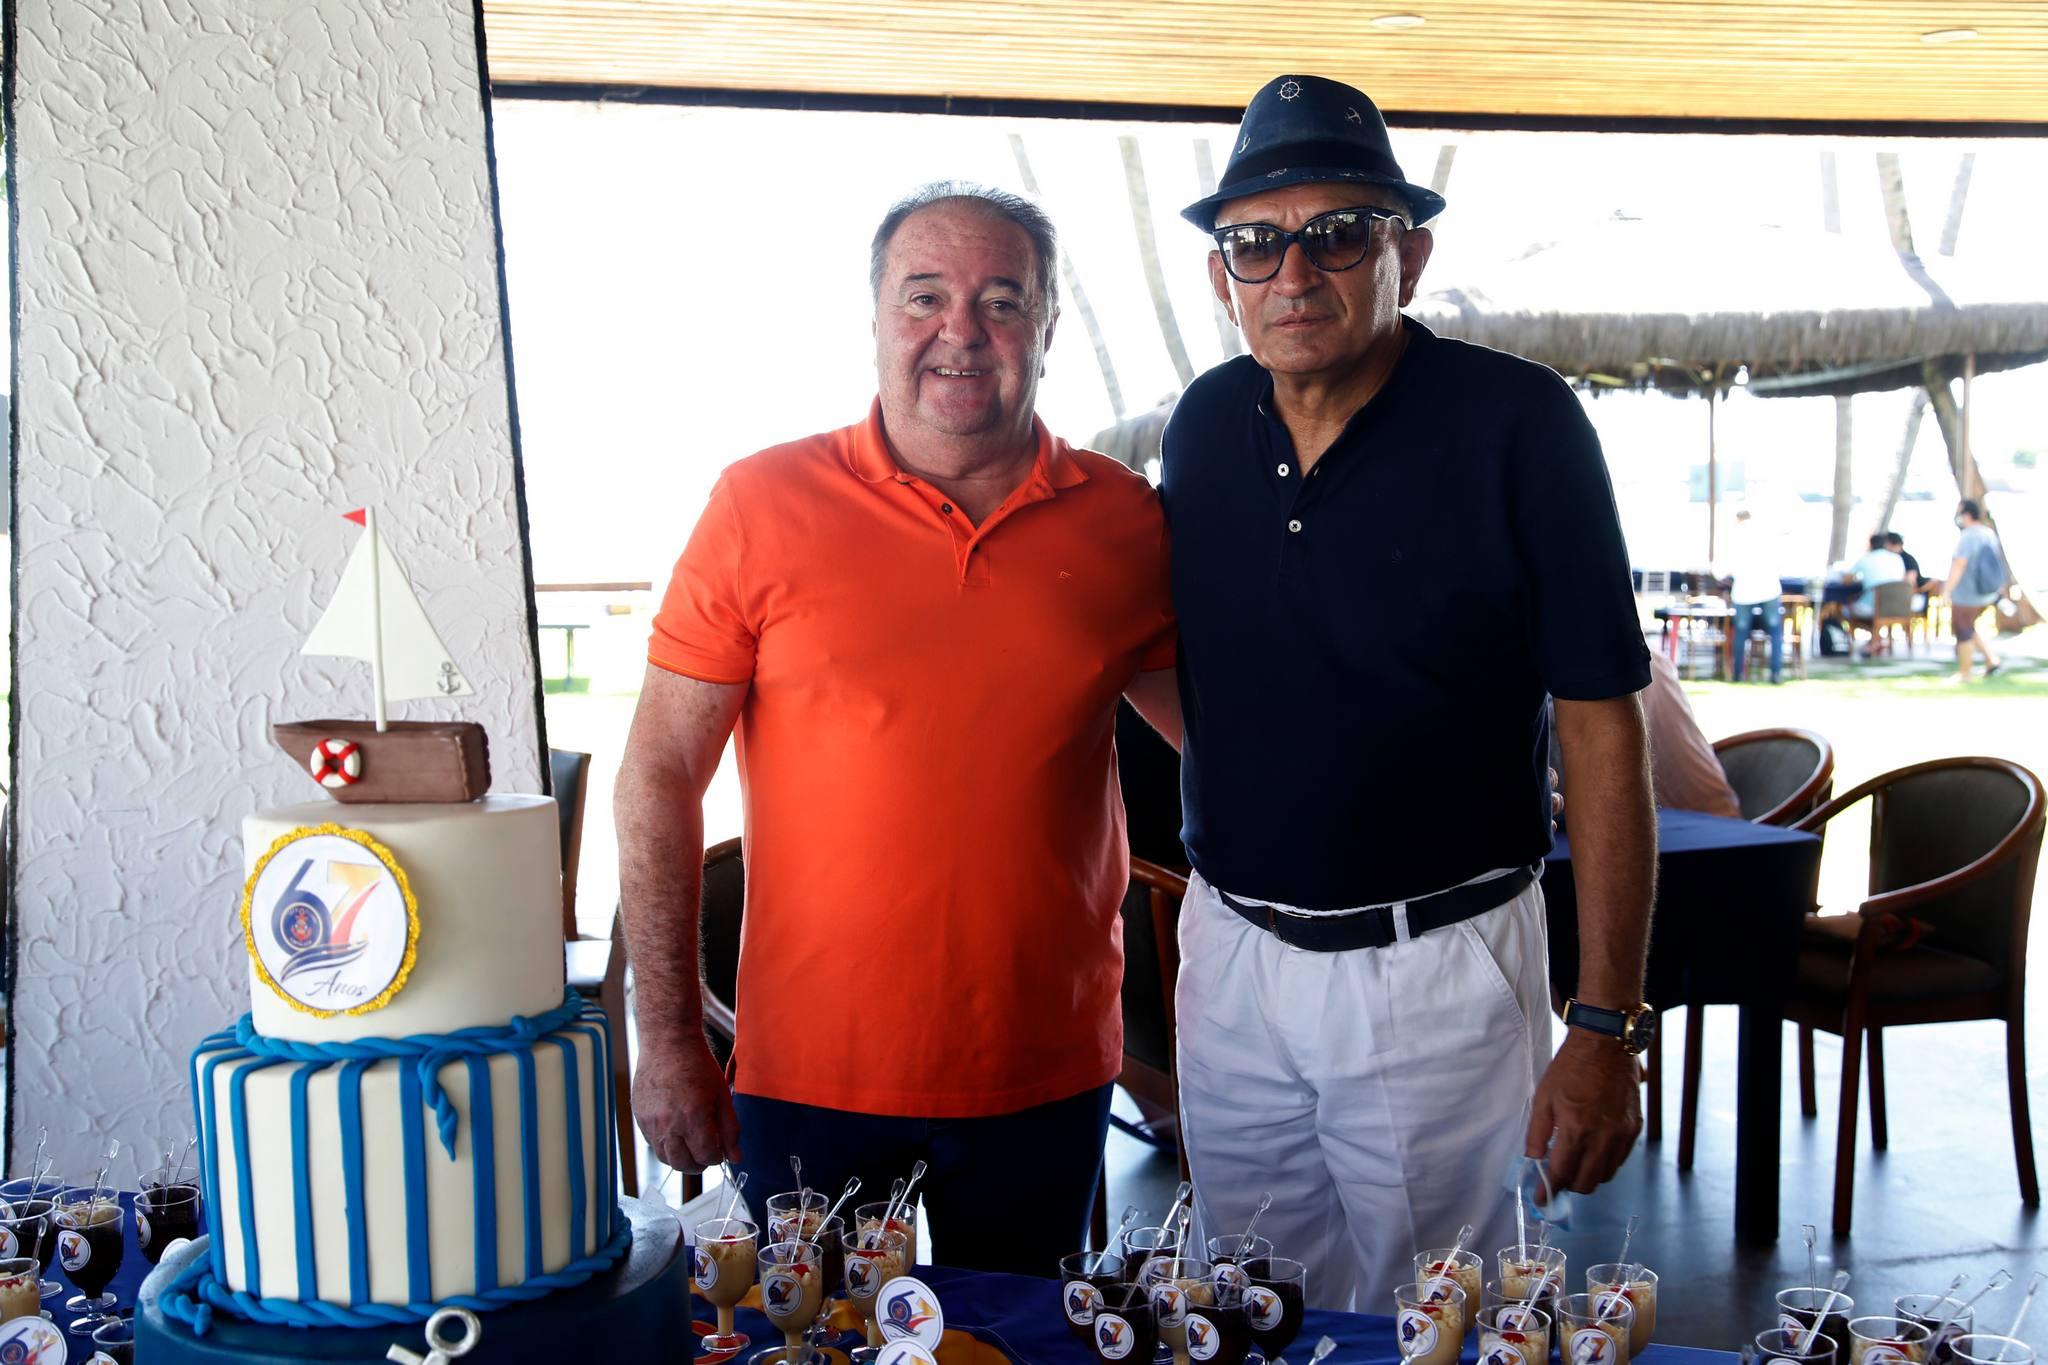 Comodoro Licinho Correa pilota a comemoração do 67º aniversário do Iate Clube de Fortaleza